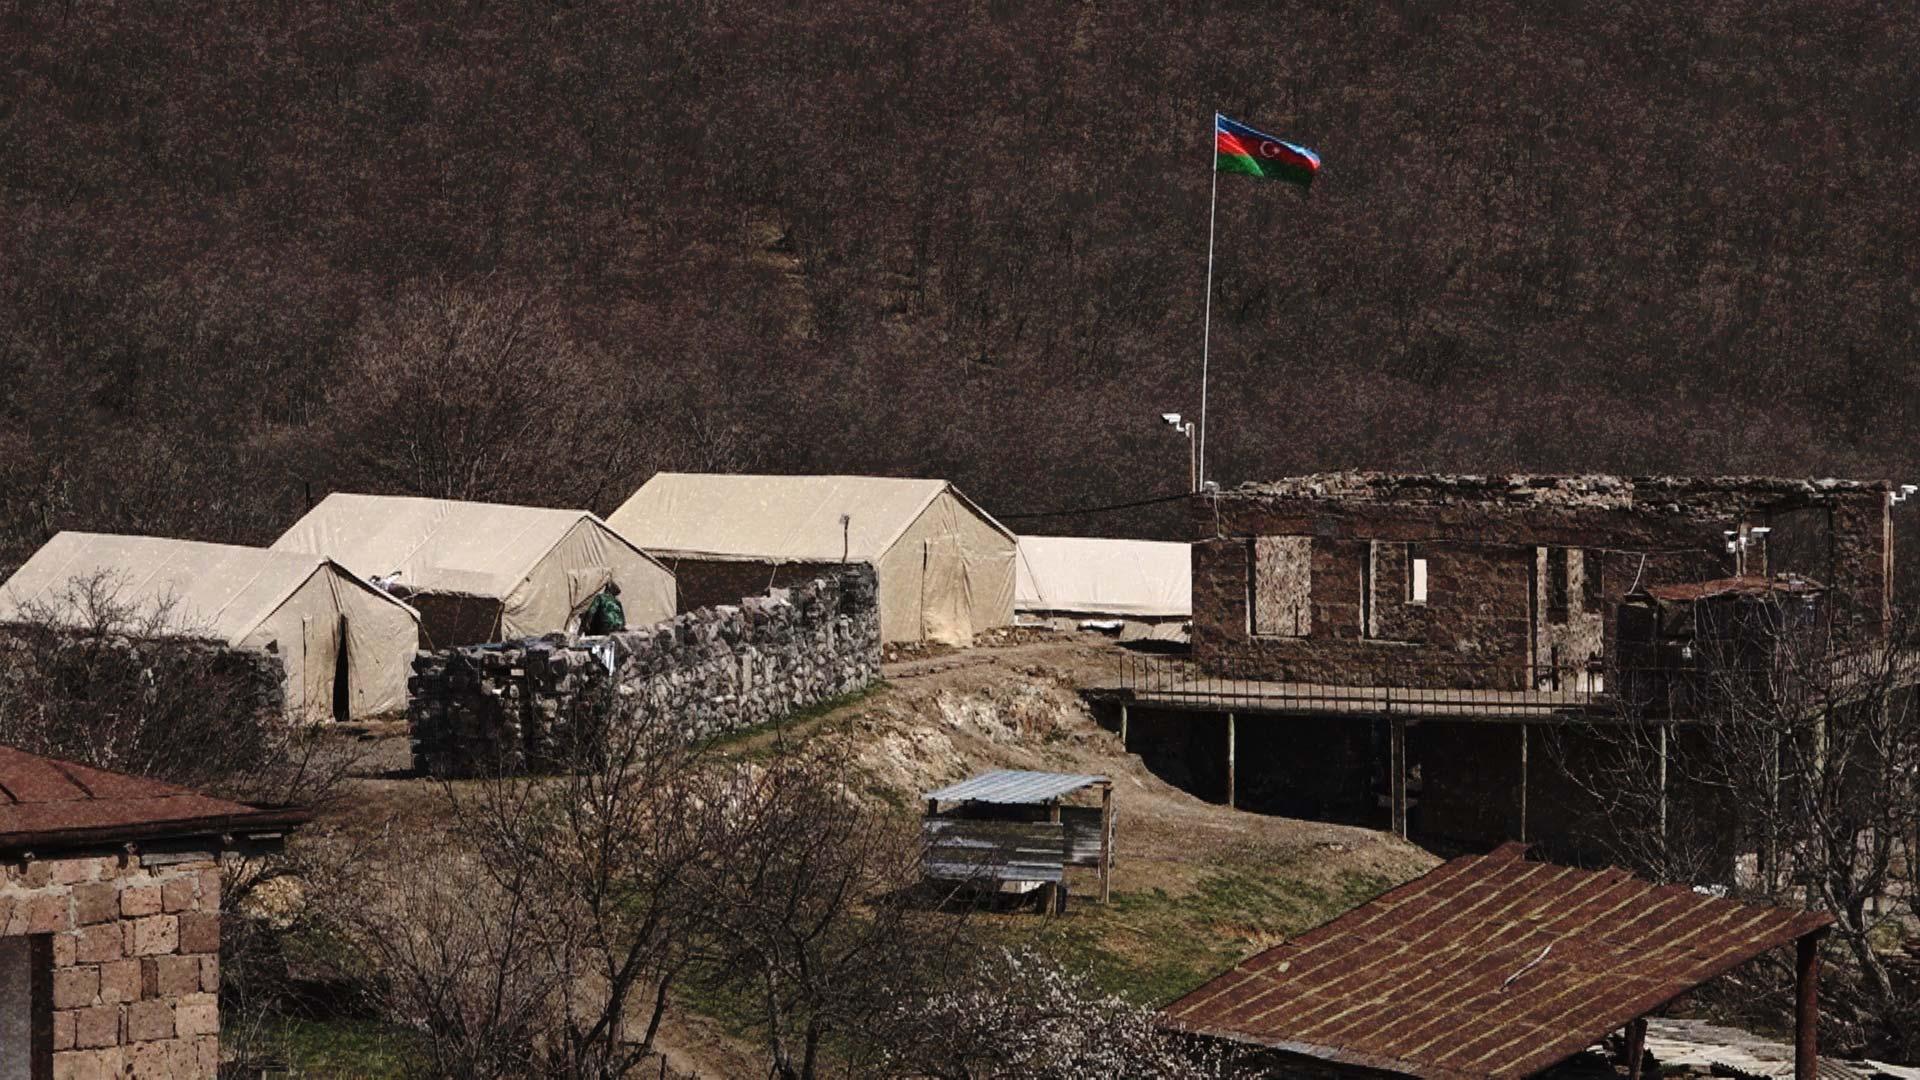 nagornyi karabax reportage 06 - <b>Новая старая граница:</b> почему армянские села оказались на территории Азербайджана - Заборона